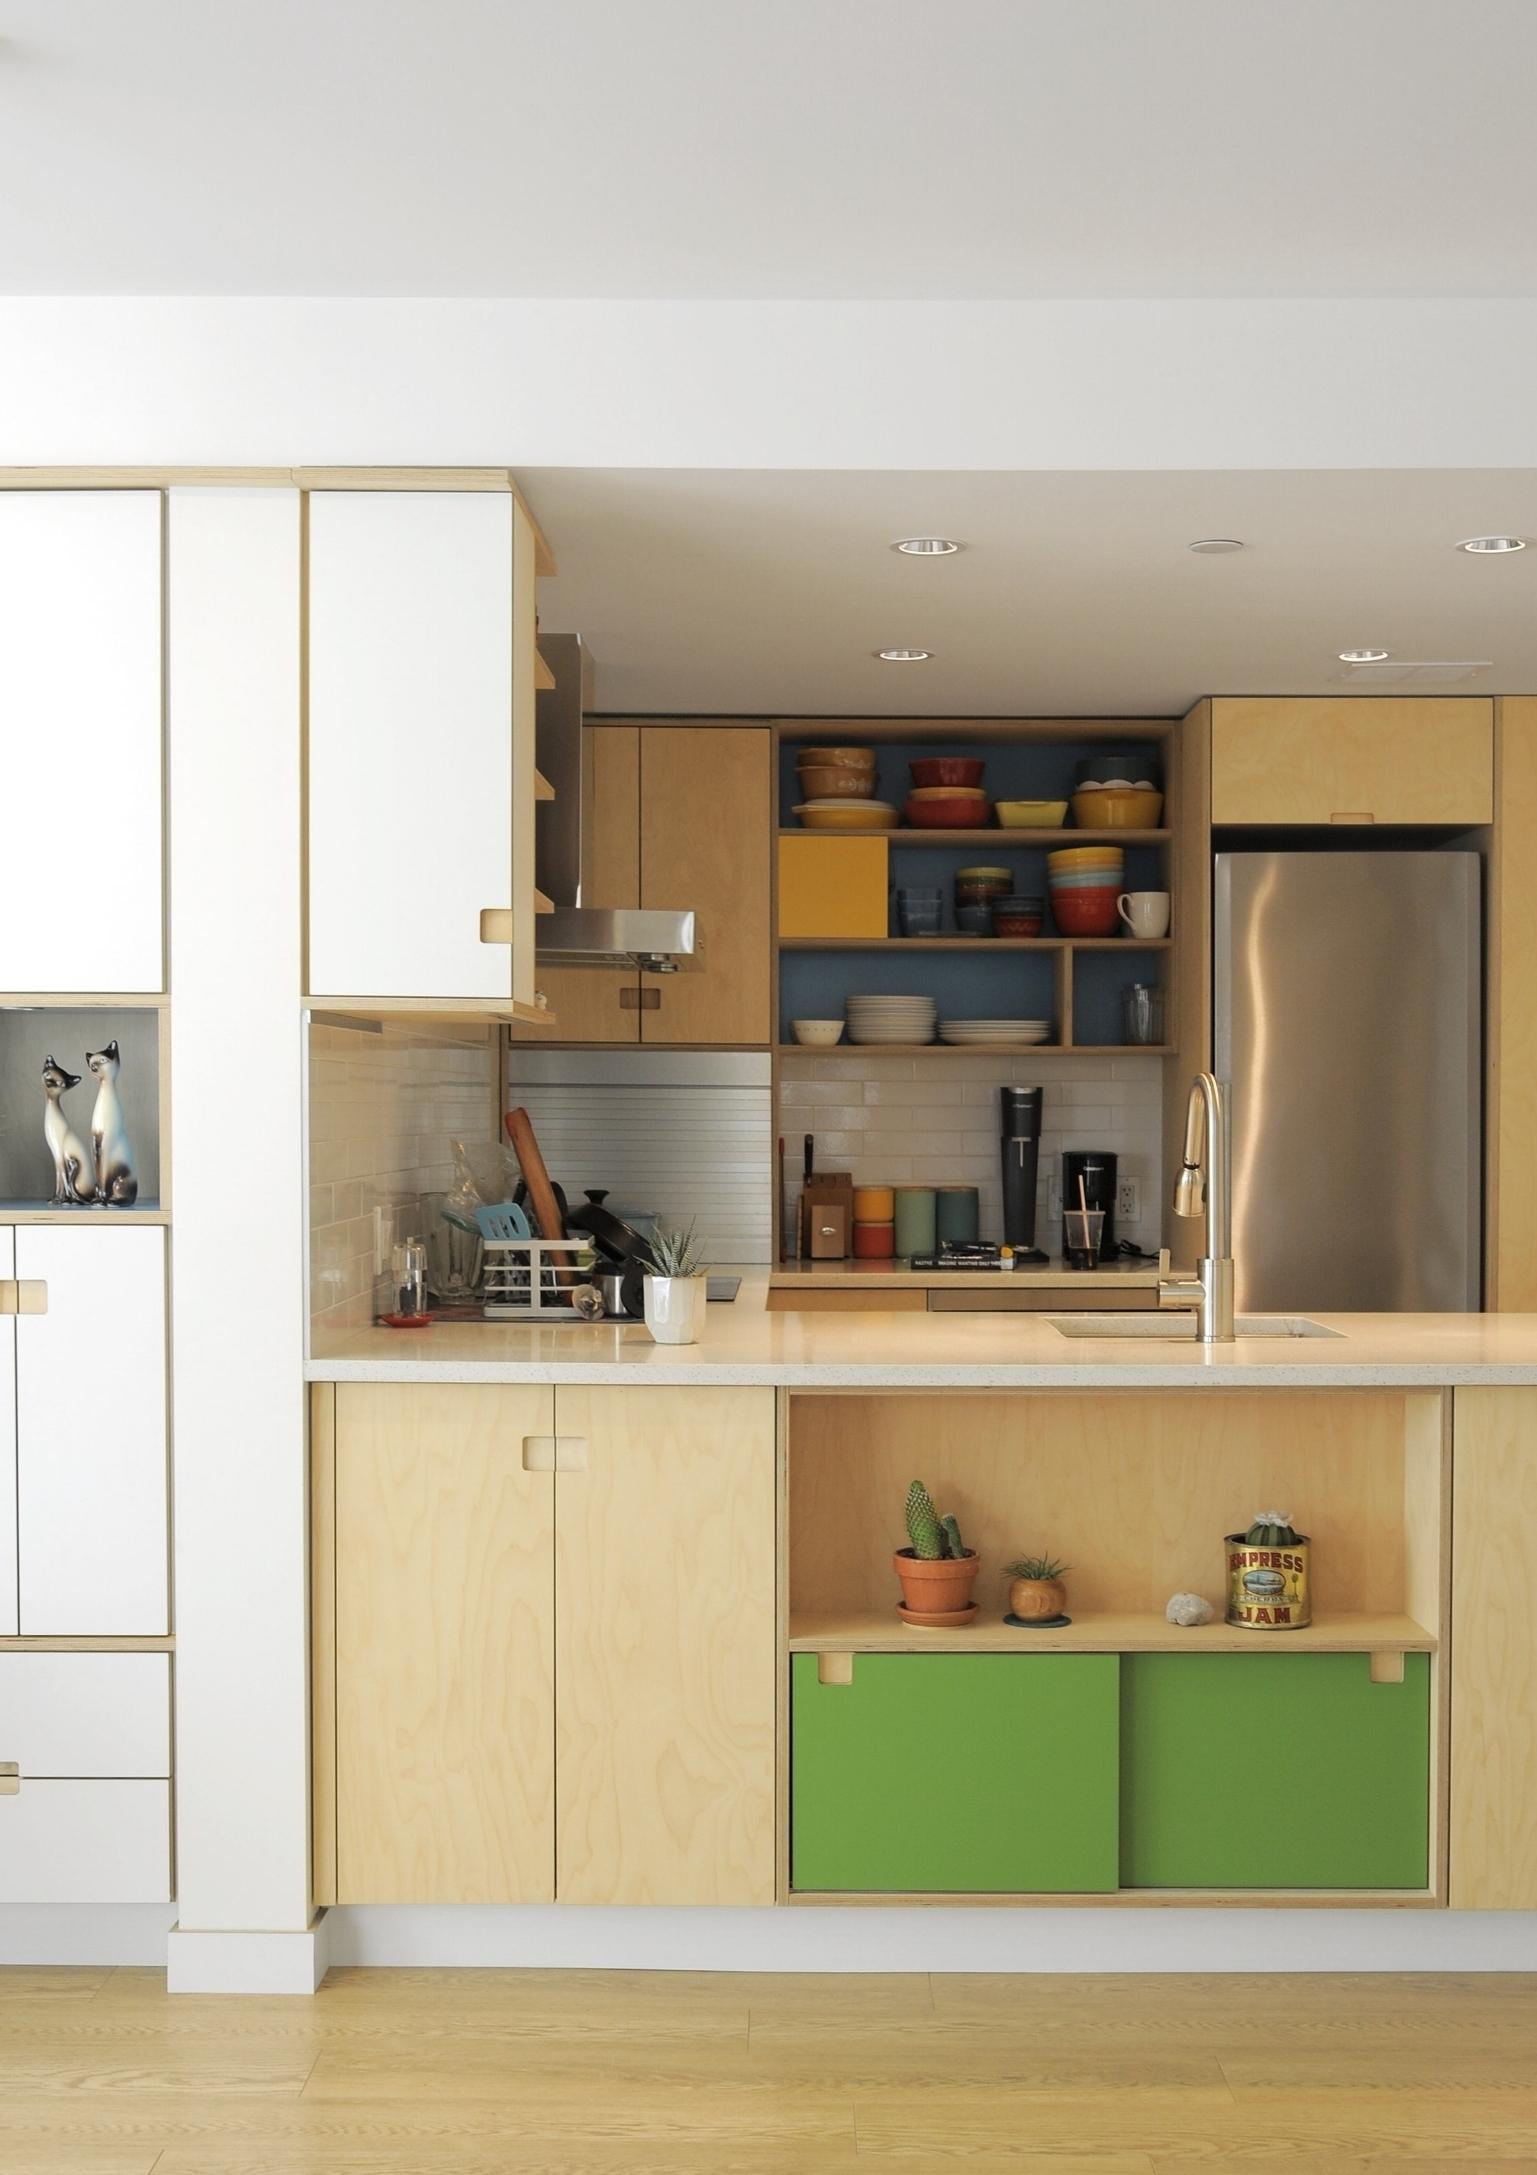 KW_Kitchen Front.jpg